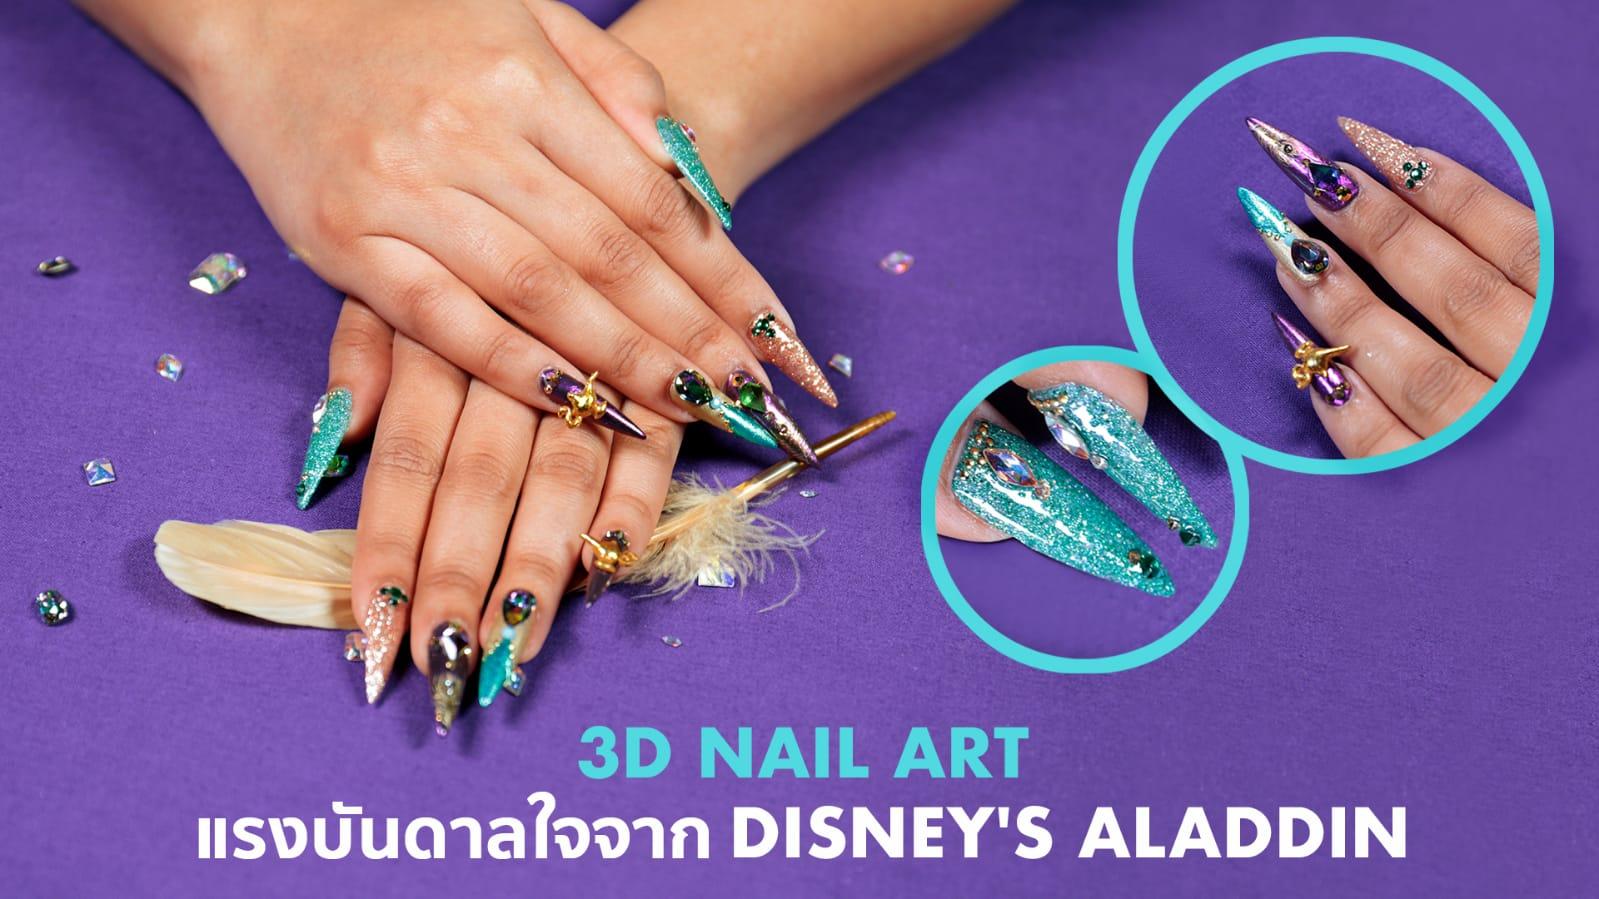 ทั้งหรู! ทั้งปัง! ไอเดียเพ้นท์เล็บประดับเพชรพร้อมลวดลายขนนก สไตล์เจ้าหญิงจากภาพยนตร์เรื่อง Disney's Aladdin อะลาดิน